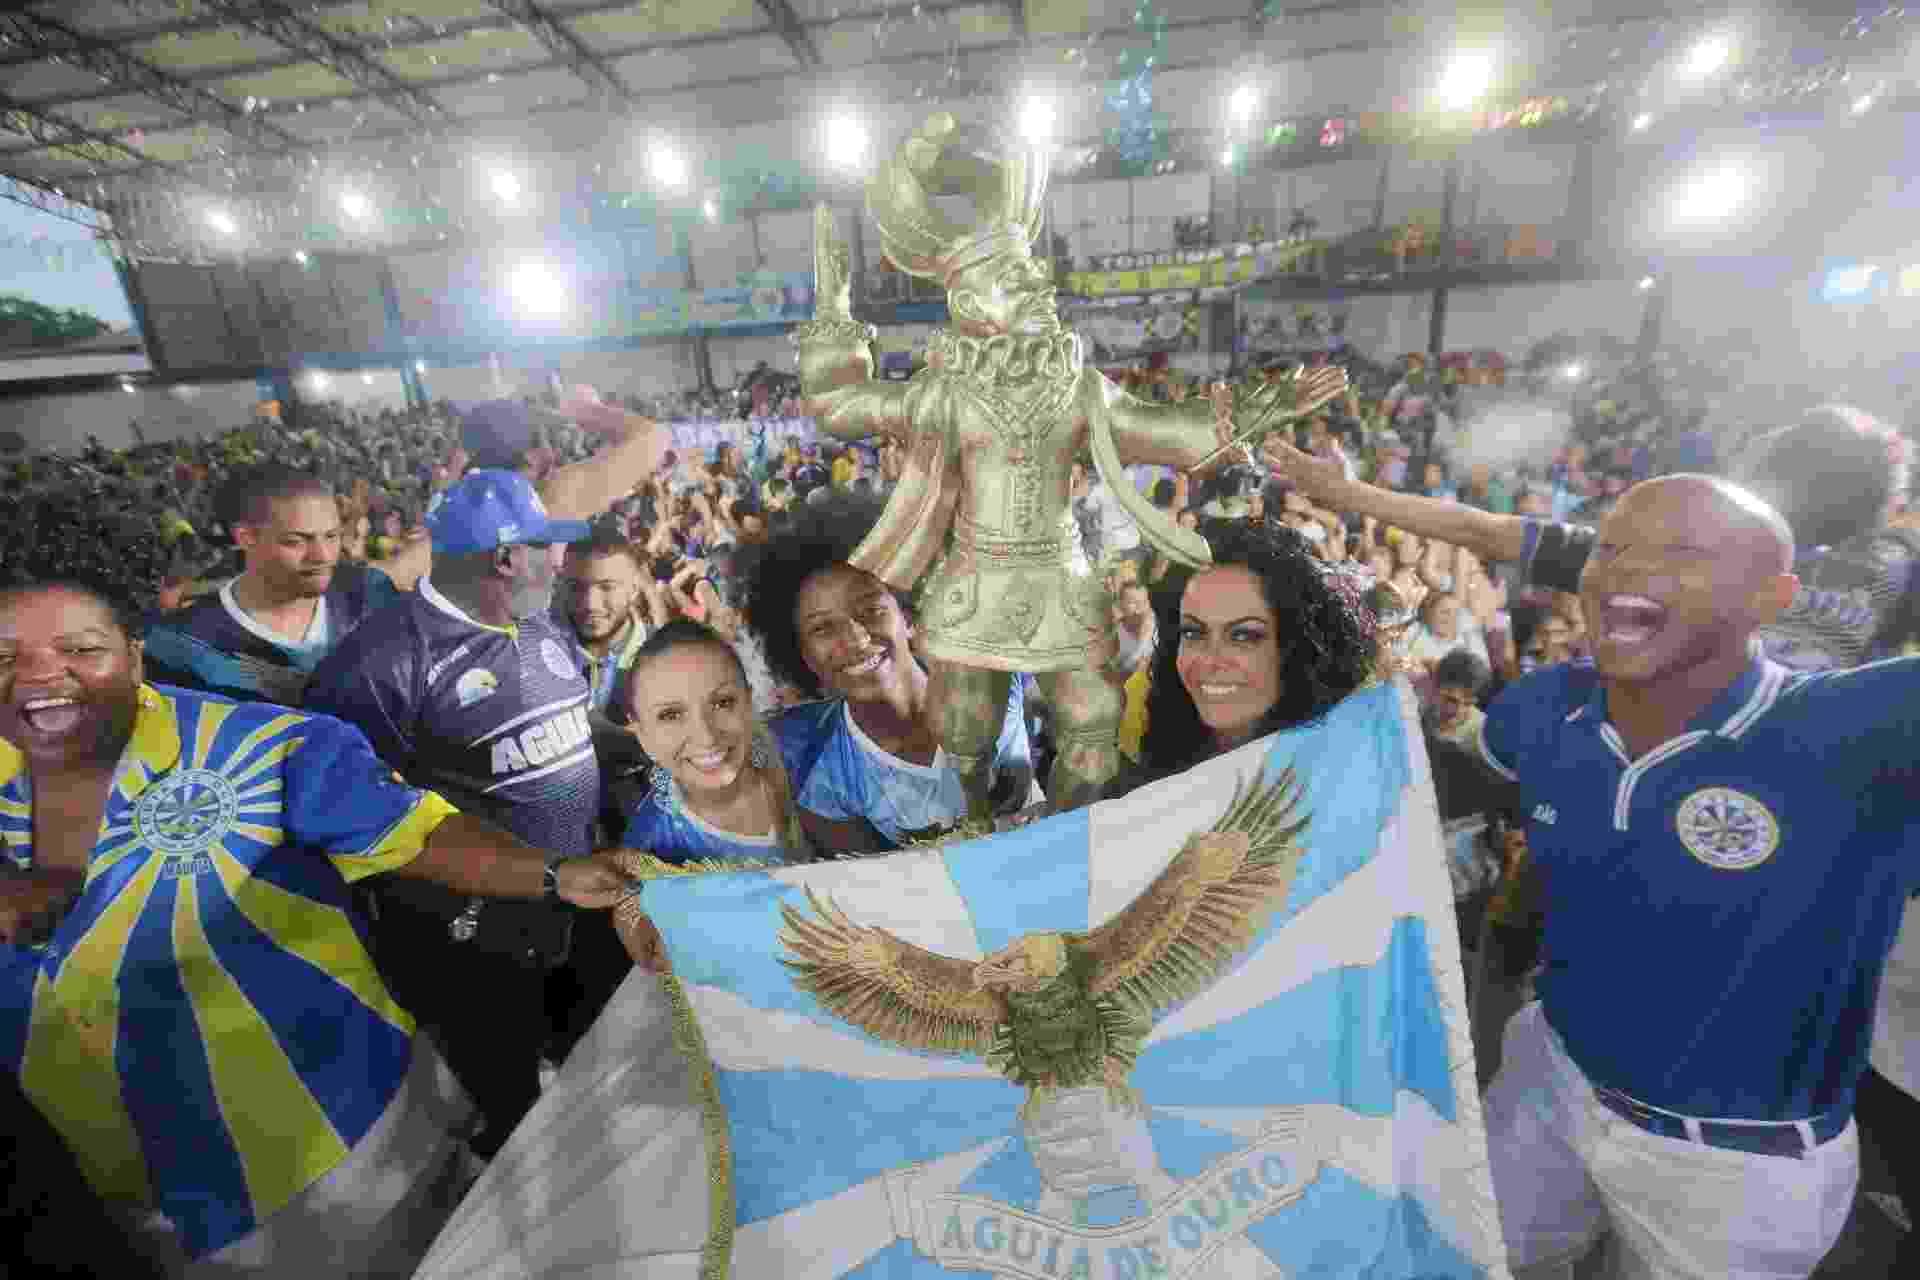 Águia de Ouro comemora título do Carnaval de São Paulo na quadra da escola, na Barra Funda - Ricardo Matsukawa/UOL